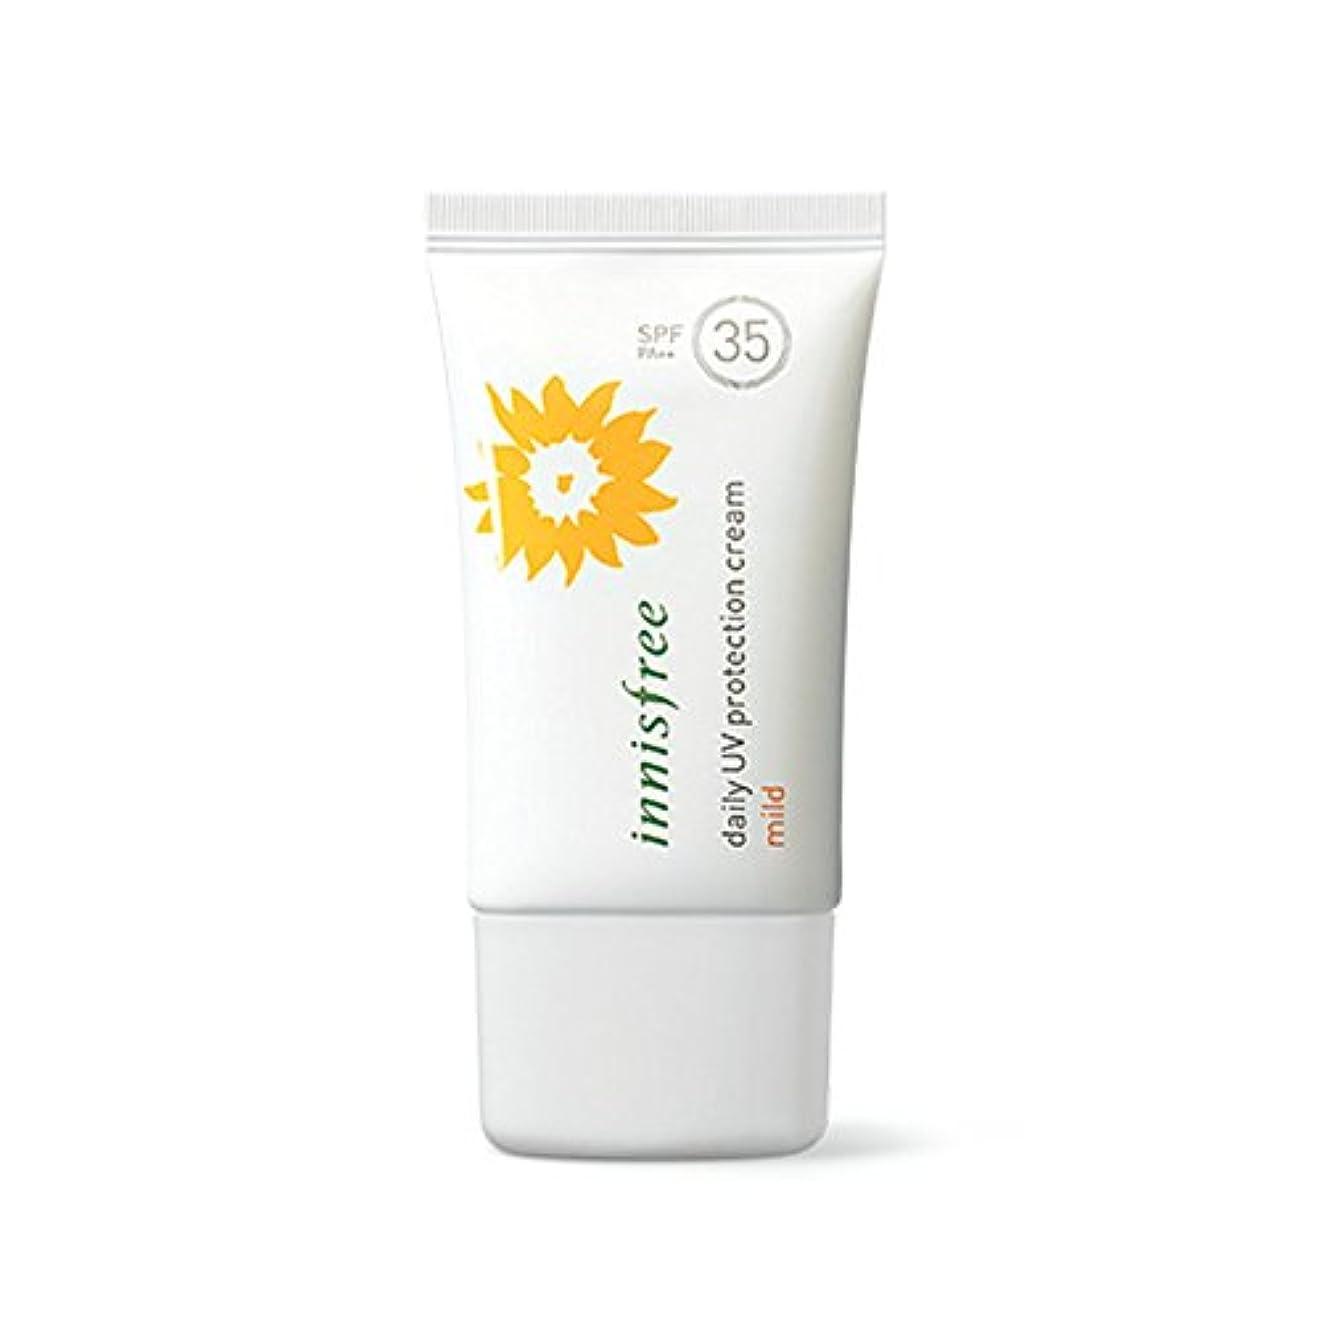 安心させる目指す起こるイニスフリーデイリーUVプロテクションクリーム50mlマイルドSPF35 + PA ++ Innisfree Daily UV Protection Cream 50ml Mild SPF35+ PA++ [海外直送品]...